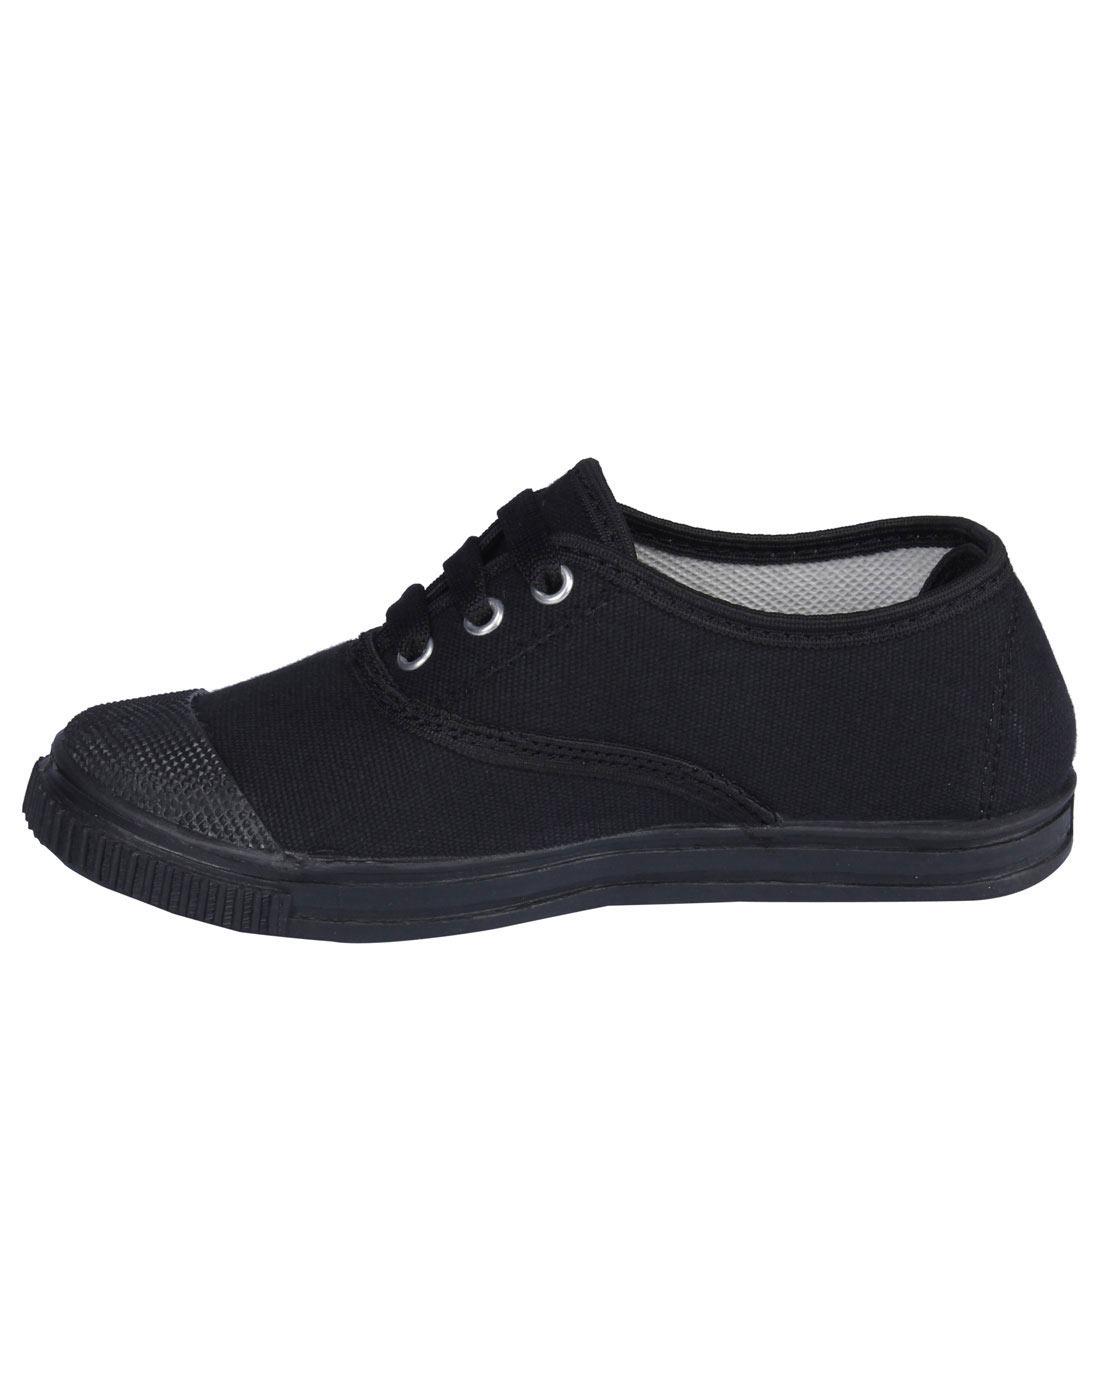 tennis shoes black rex shoes